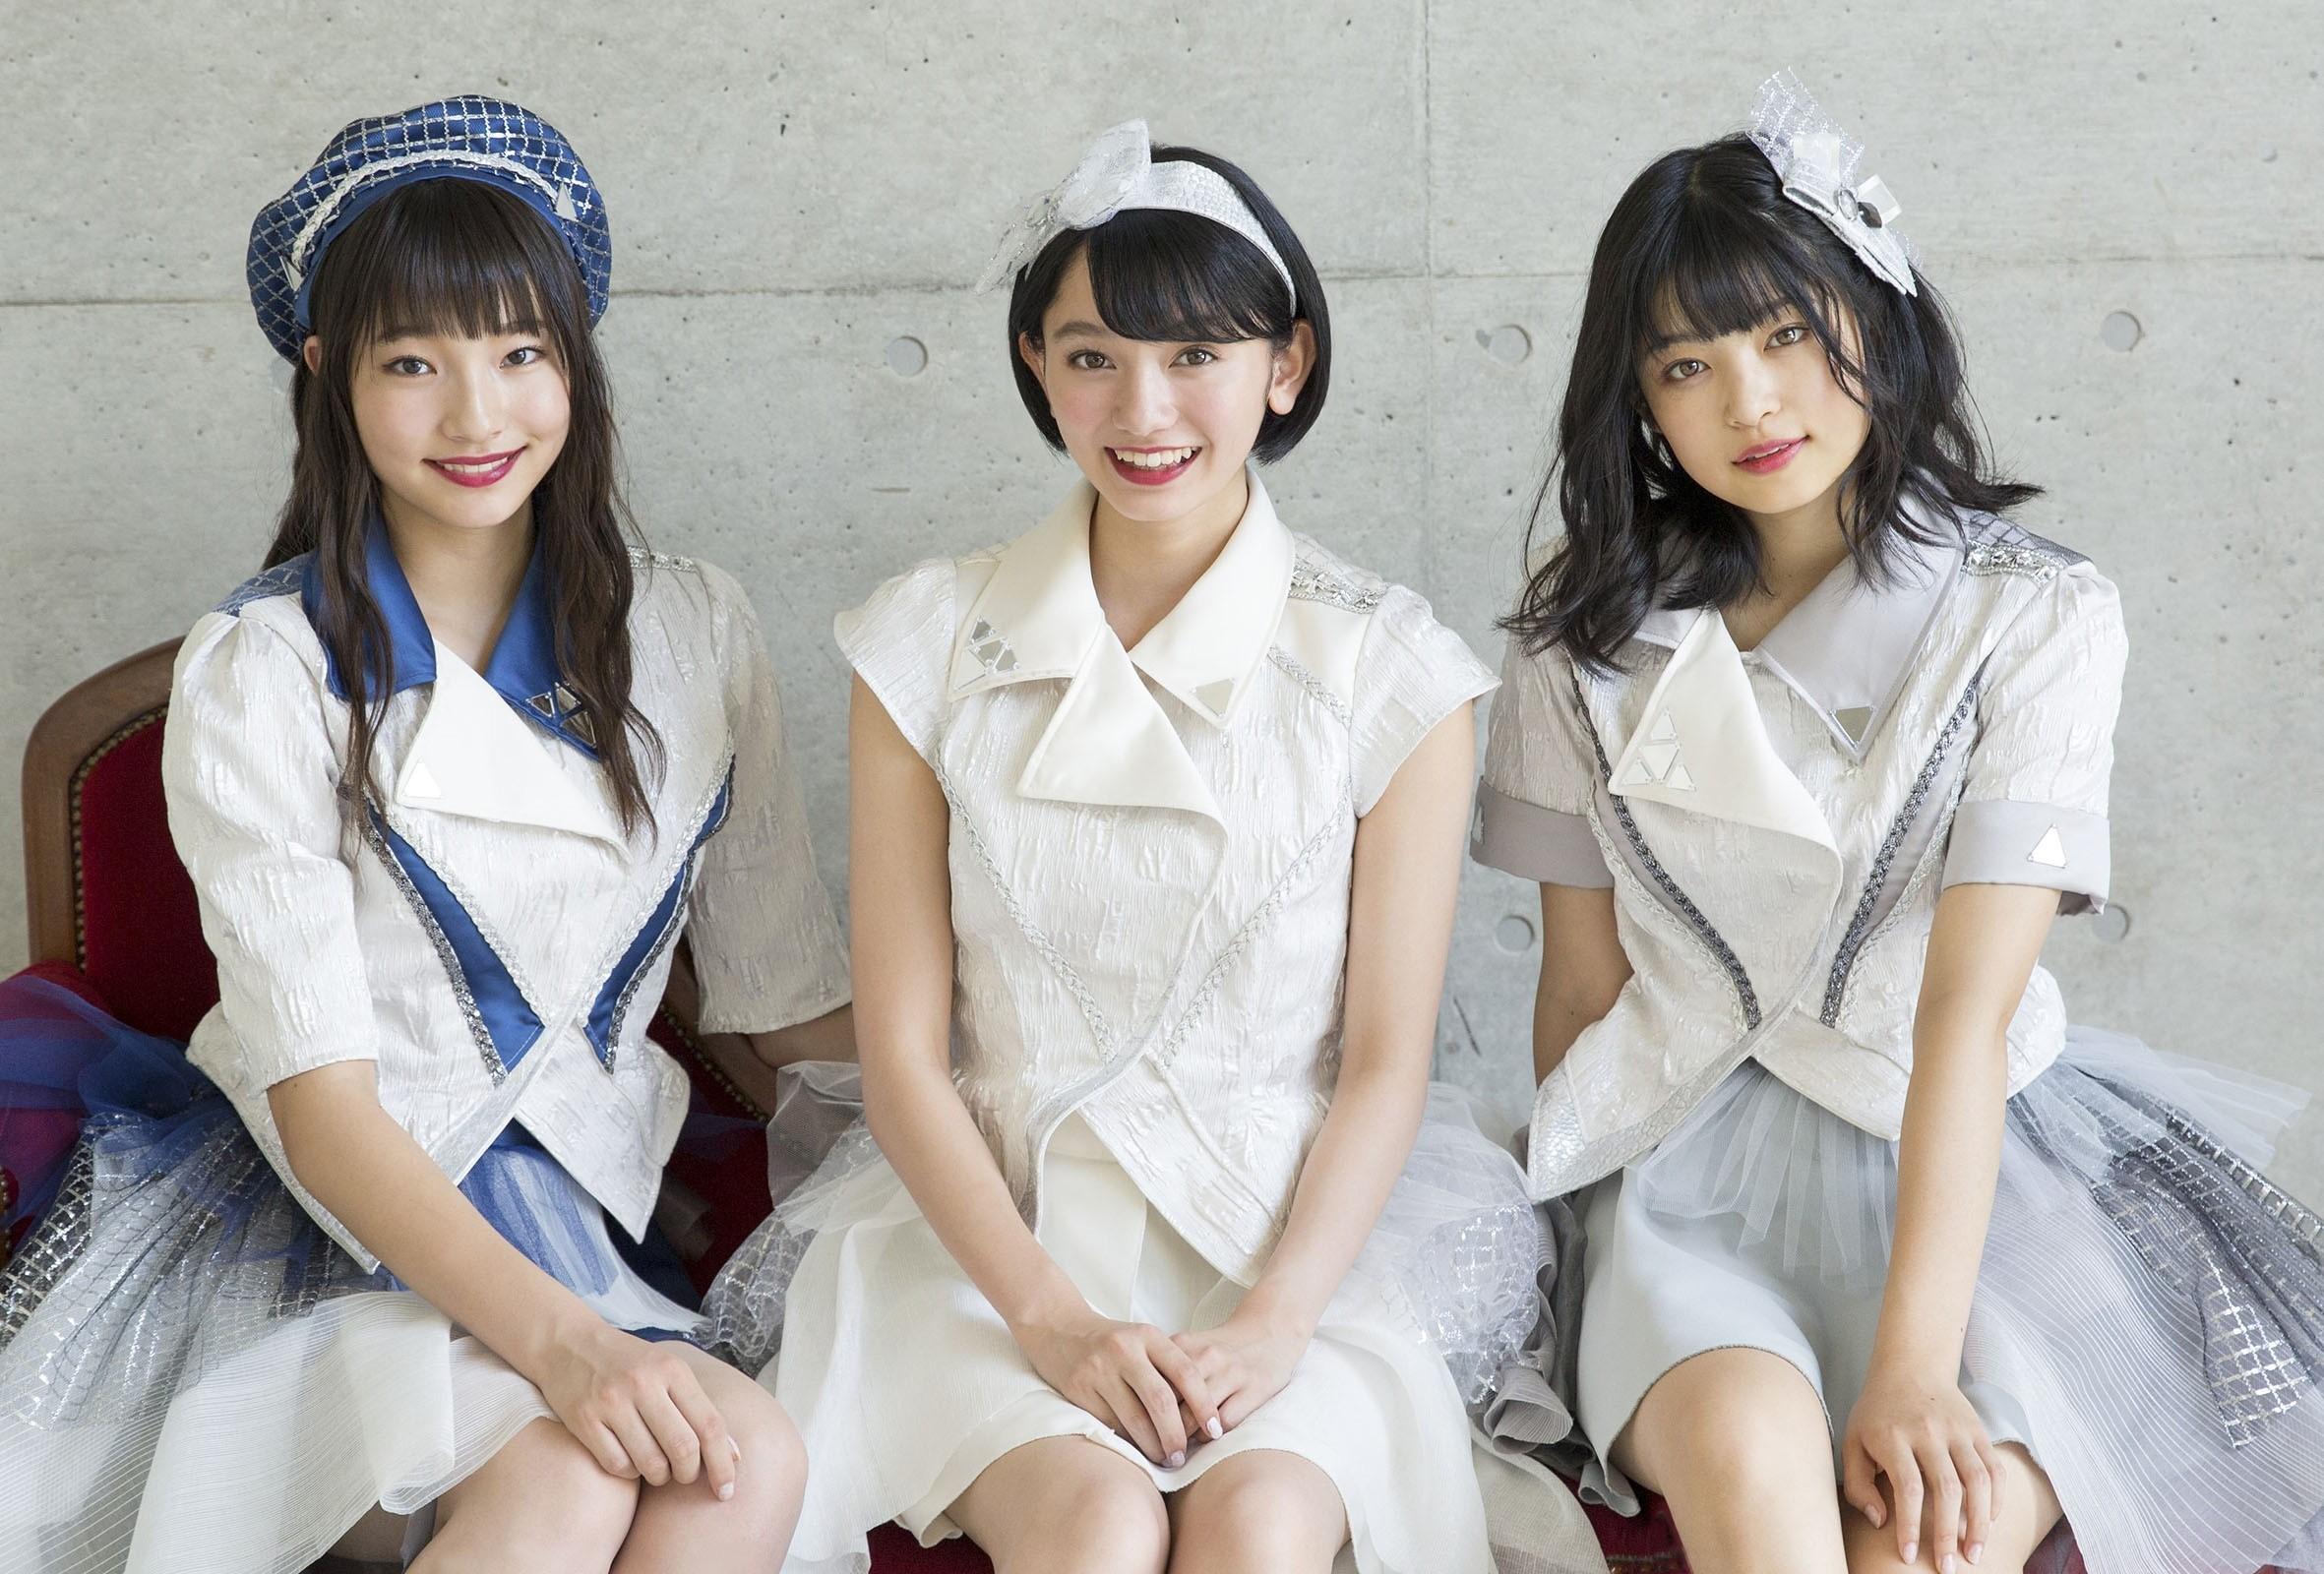 東京アイドル劇場アドバンス「Task have Fun公演」2018年12月30日